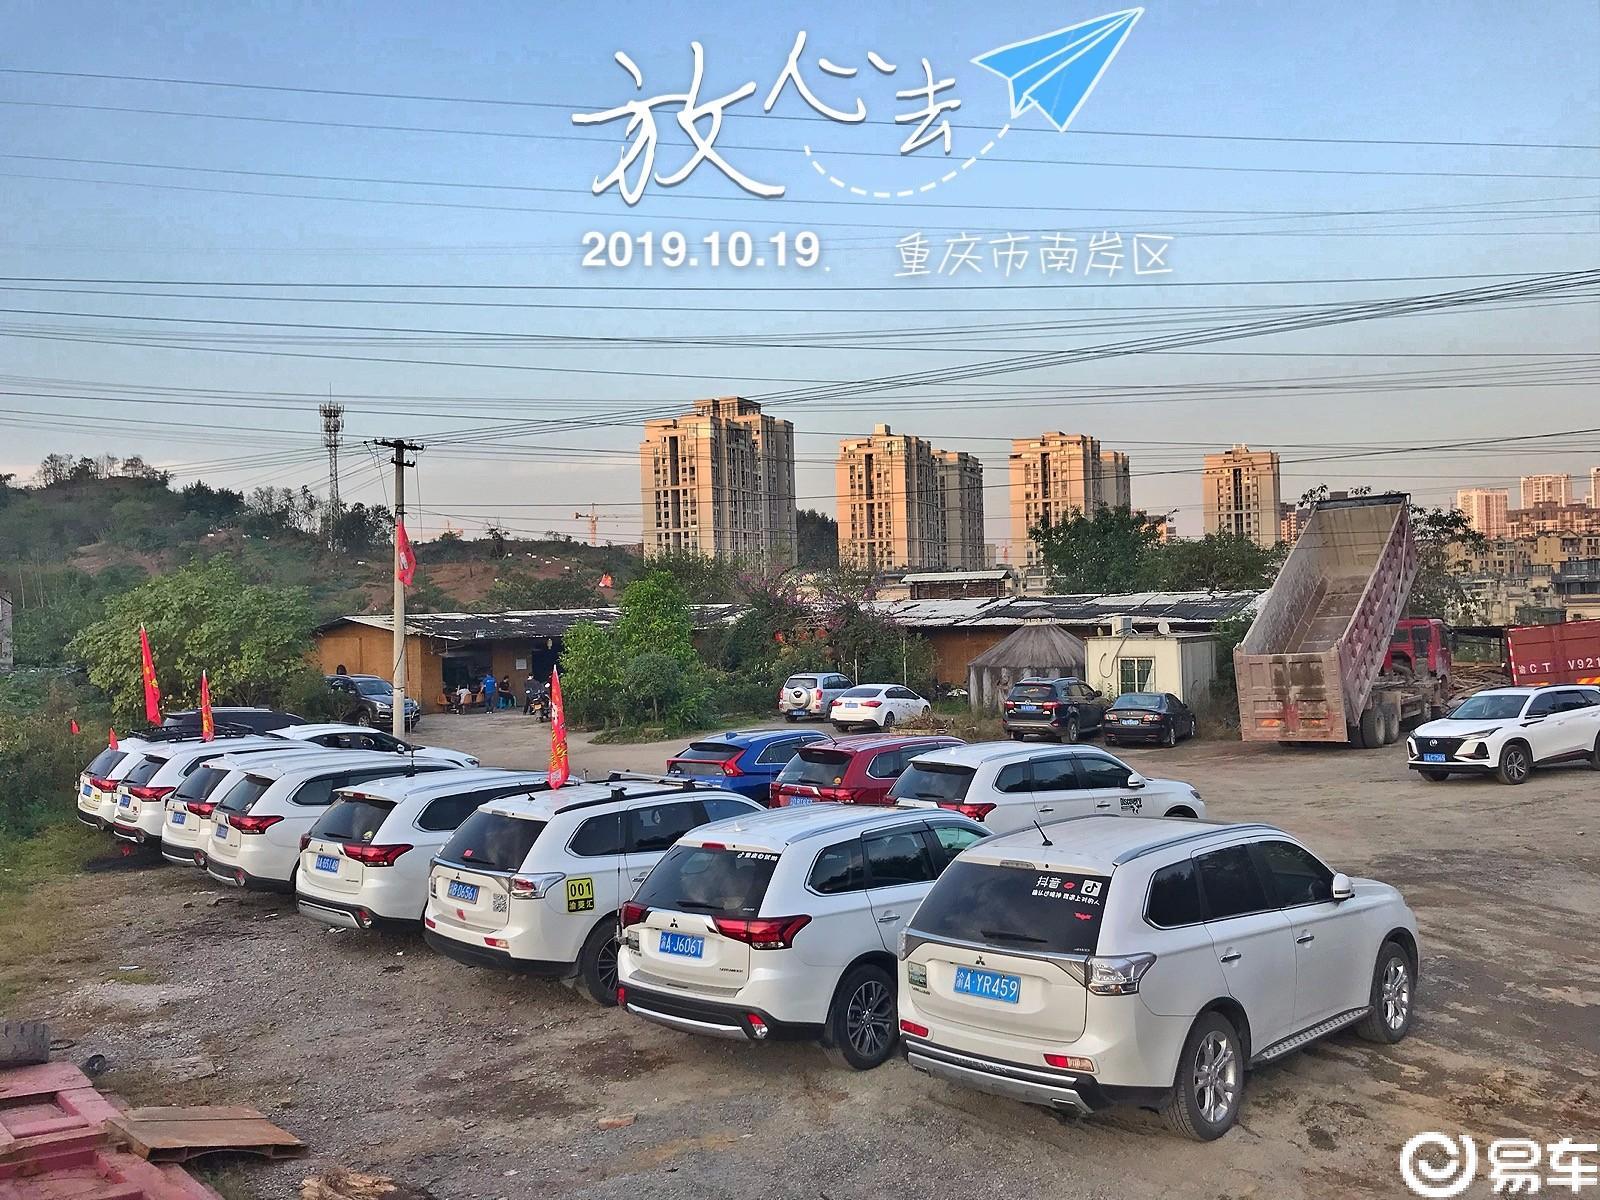 吃鸡、钓鱼周末聚·欧蓝德(中国)联盟重庆渝菱汇小聚会